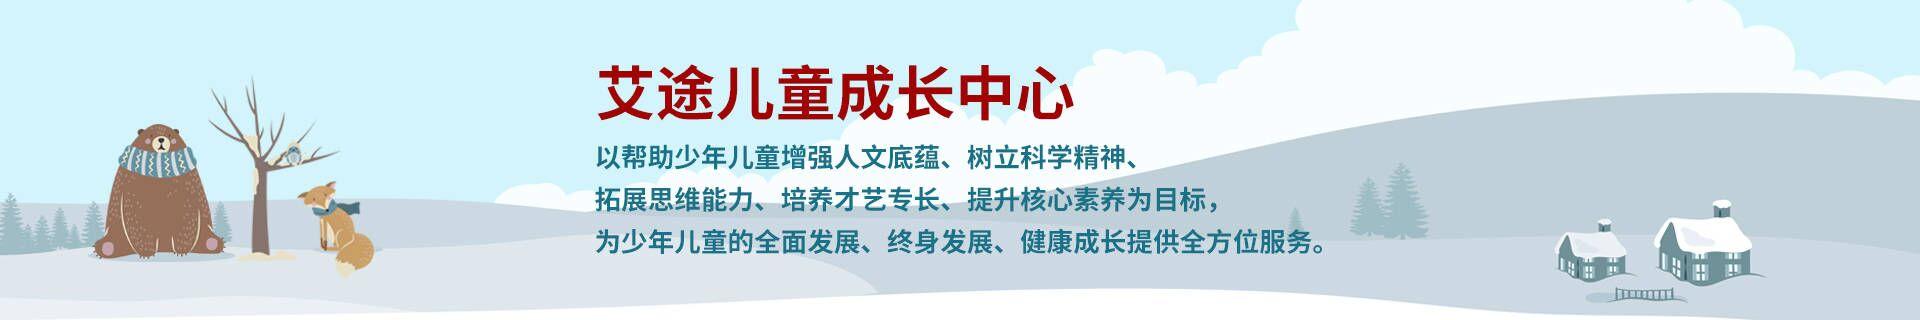 西安雁塔区曲江北池路i2全外教少儿英语培训